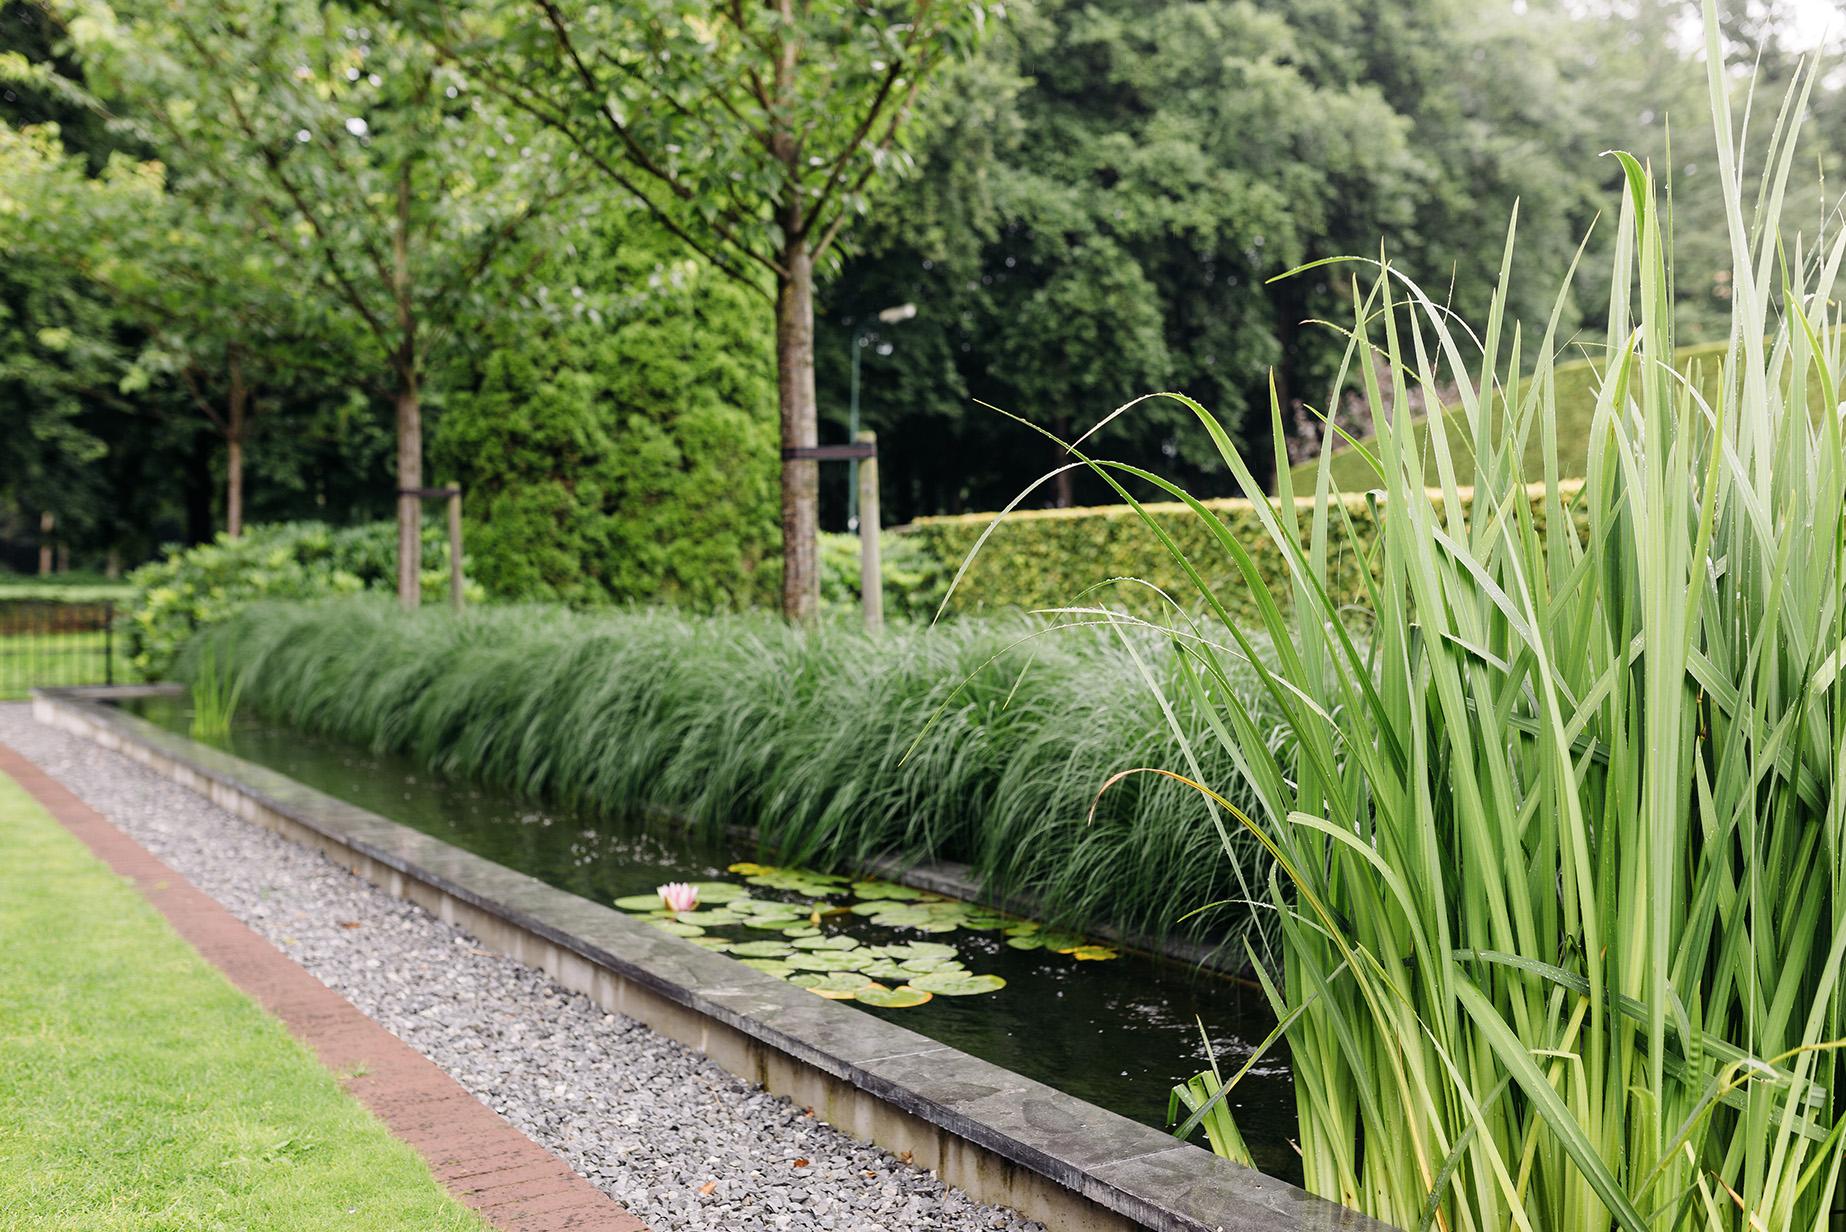 Sproei Installatie Tuin : Tijdloos lijnenspel 🌿 tijdloos lijnenspel de rust in iedere tuin